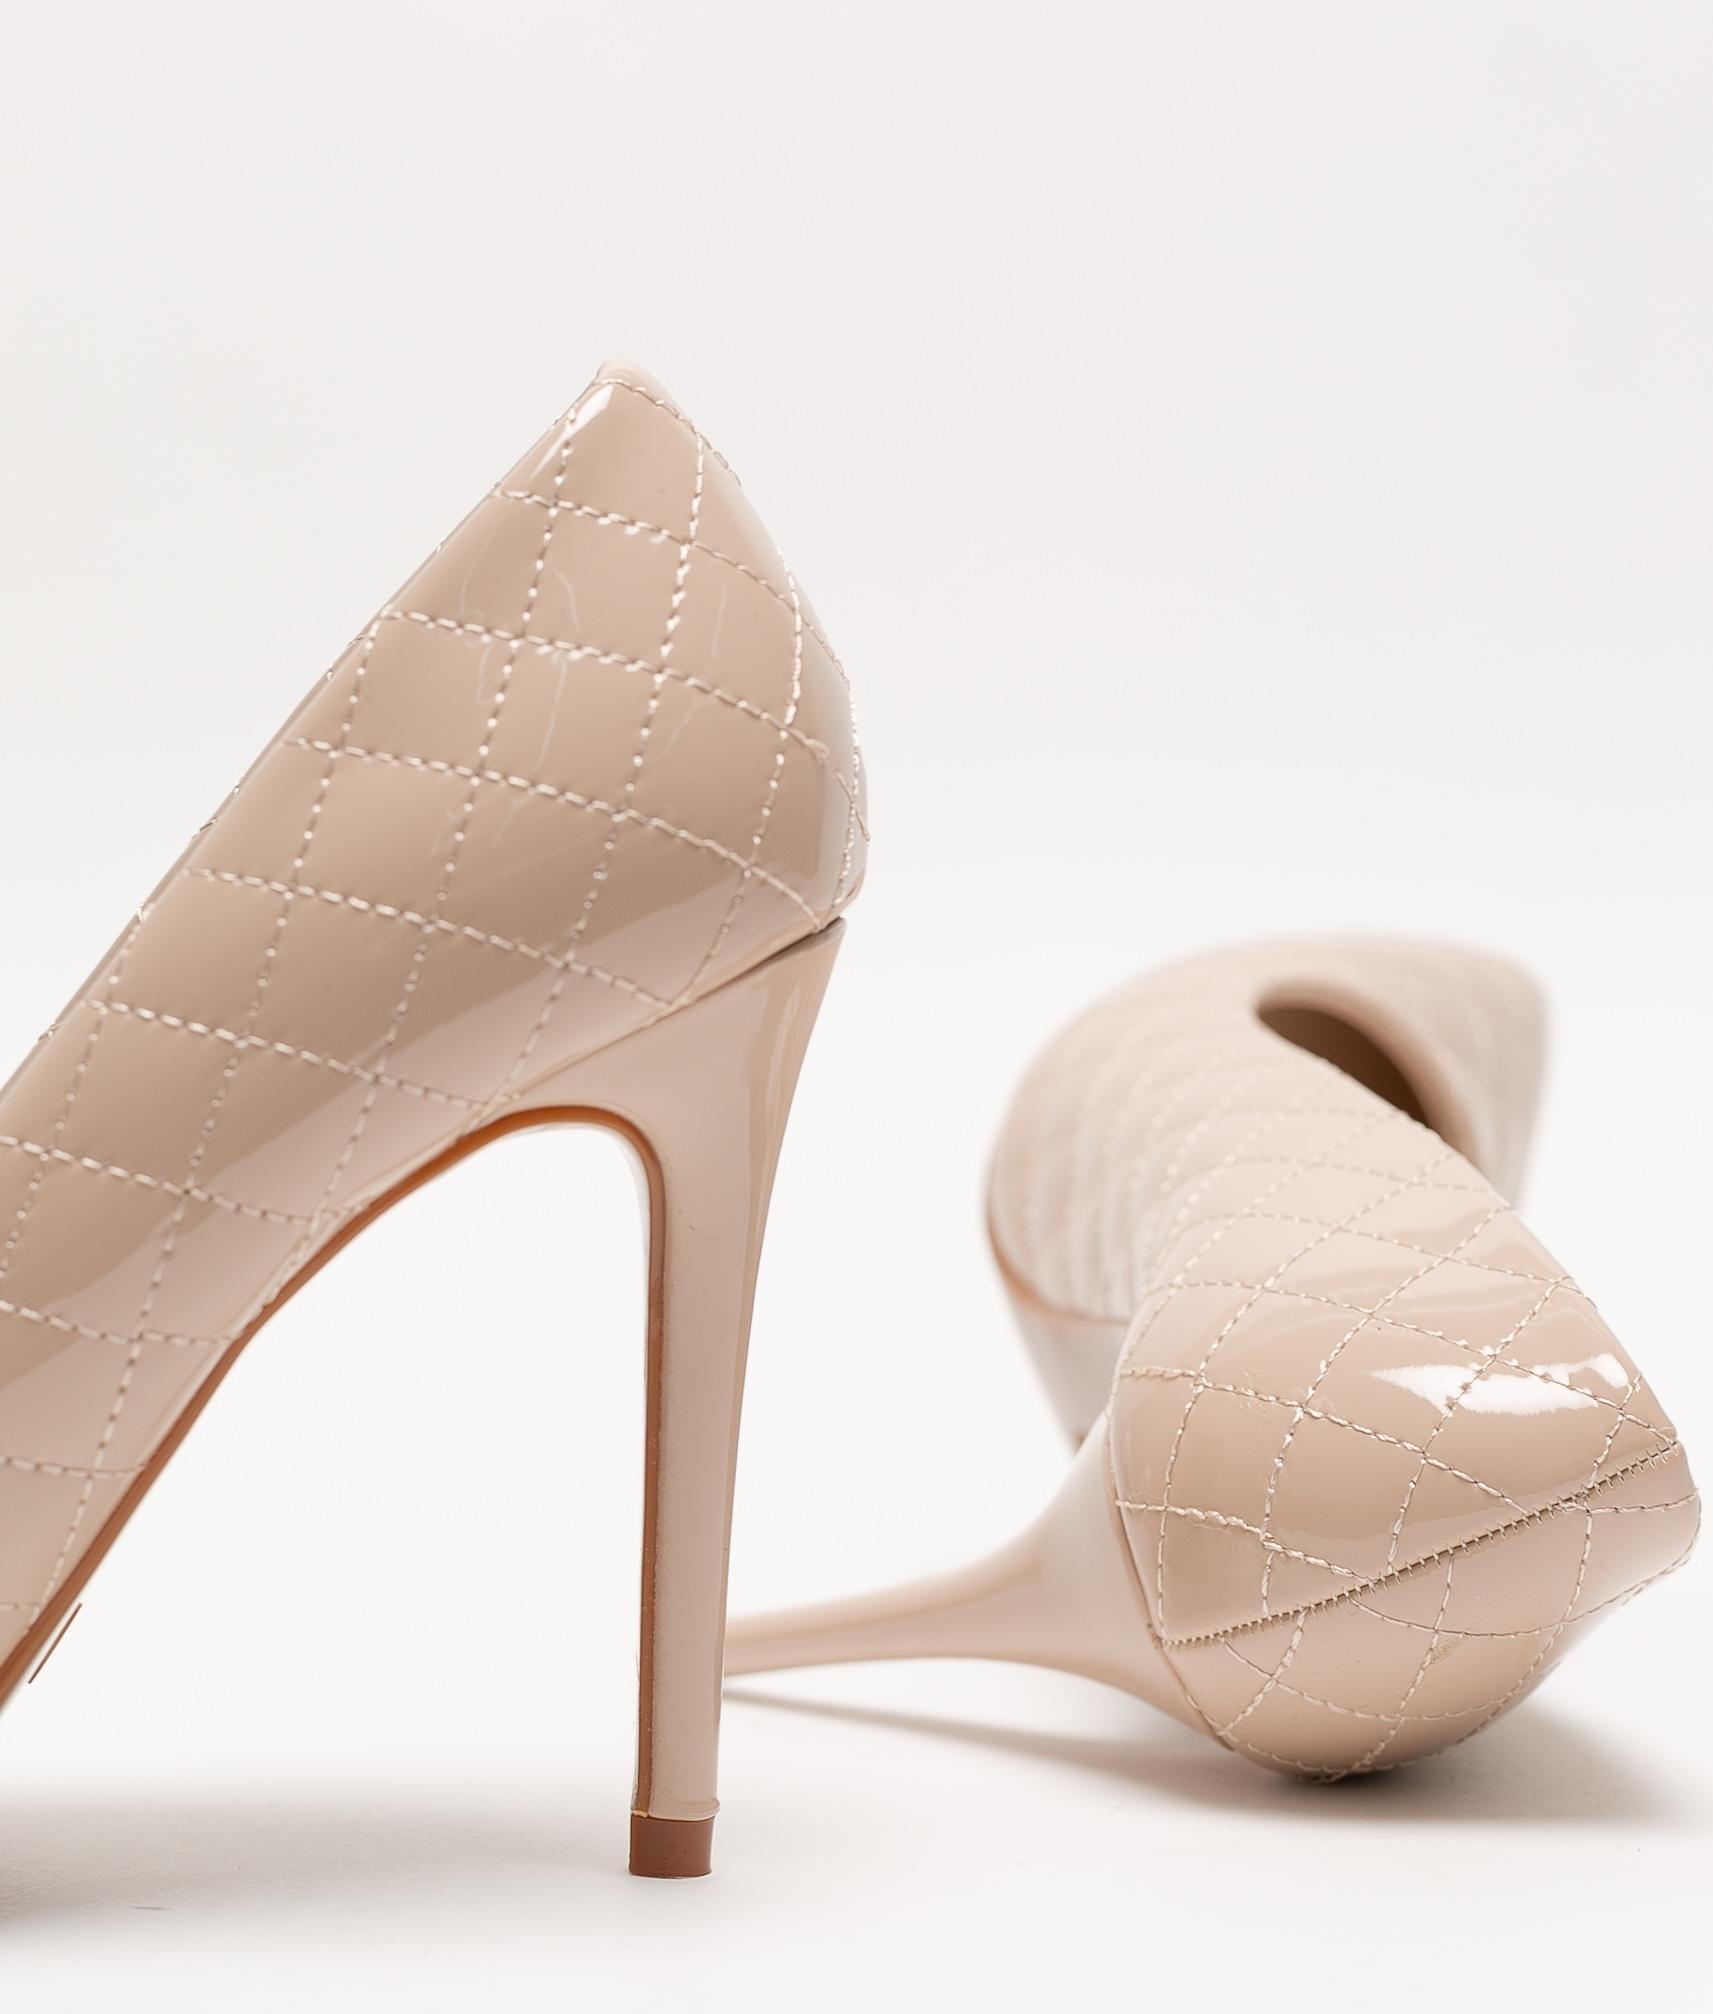 Chaussure KLITEN - BEIGE